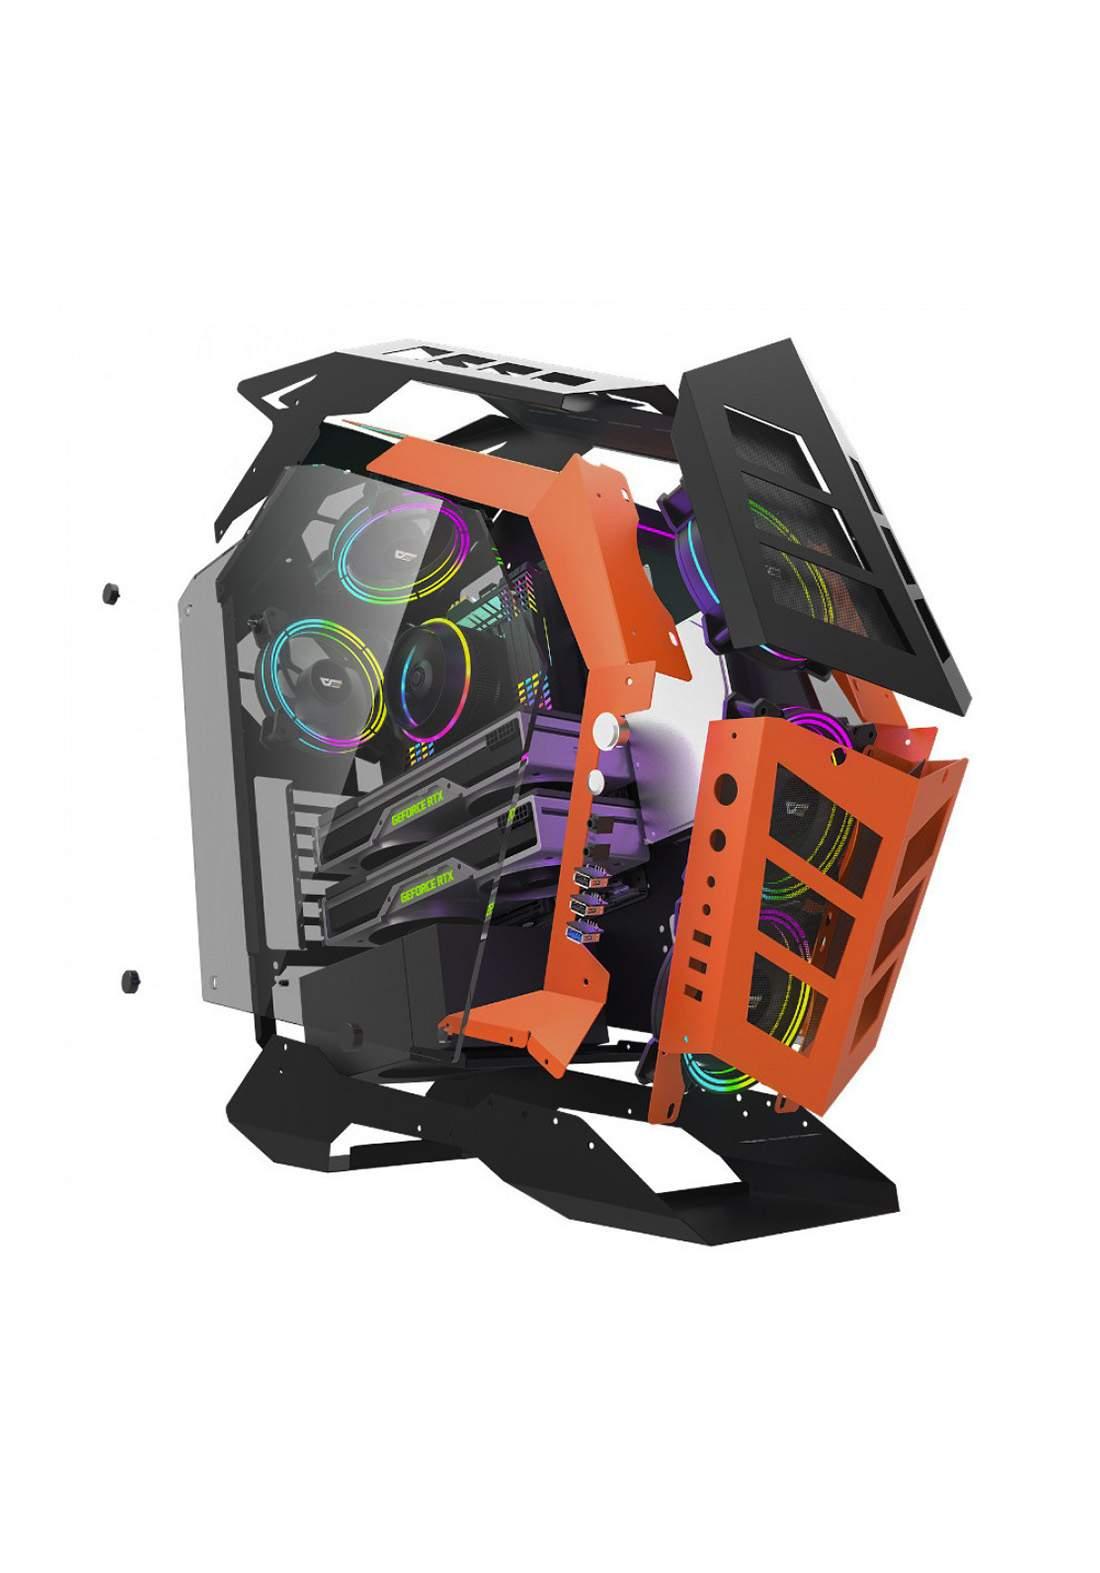 Aigo Darkflash Knight K1 Case 3 Fans -Black كيس حاسبة